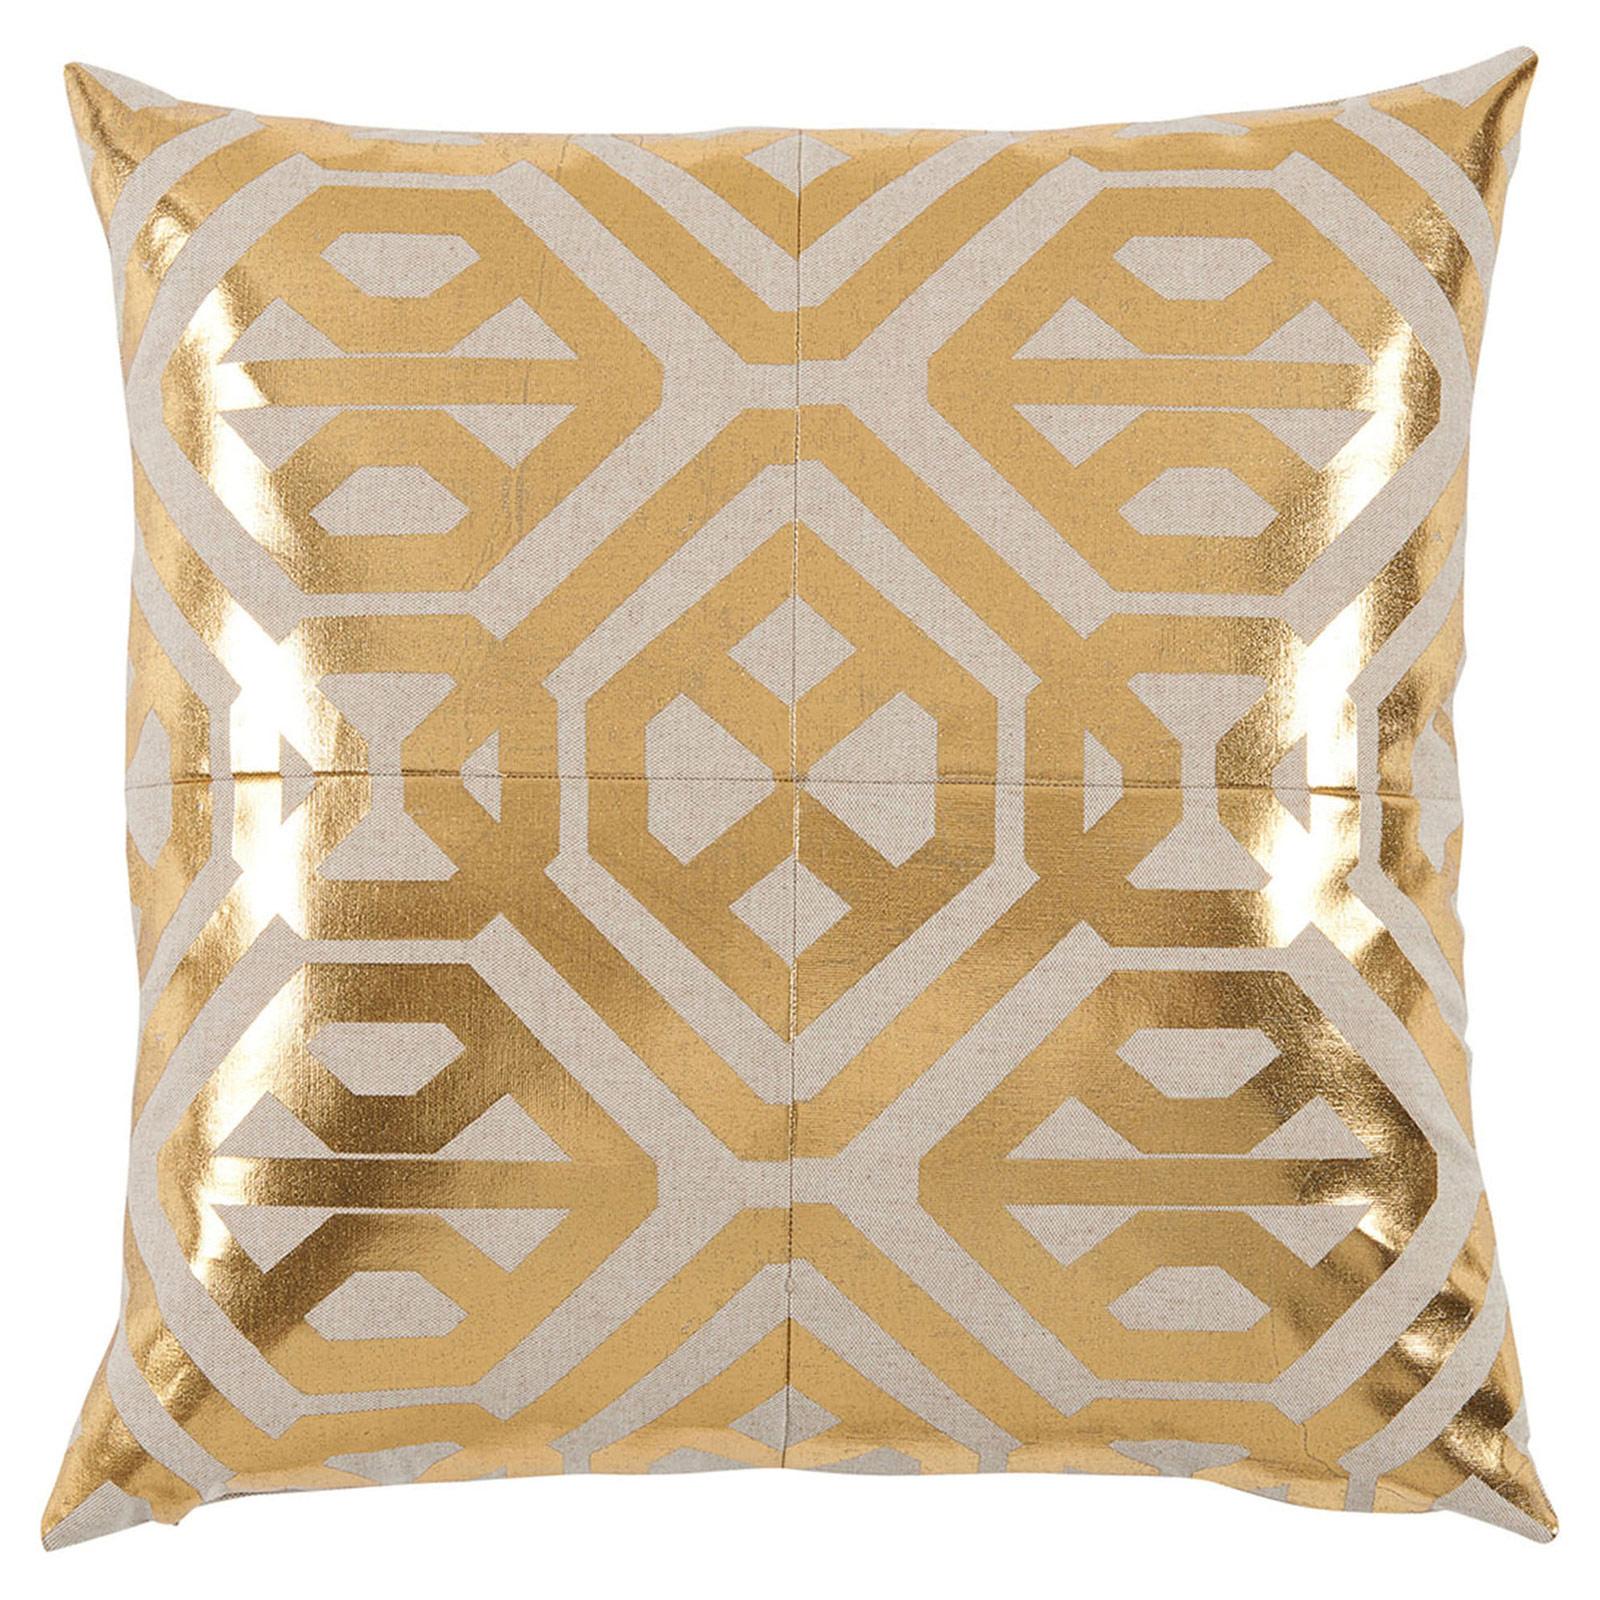 Kelly Regency Metallic Gold Geometric Beige Pillow - 20x20